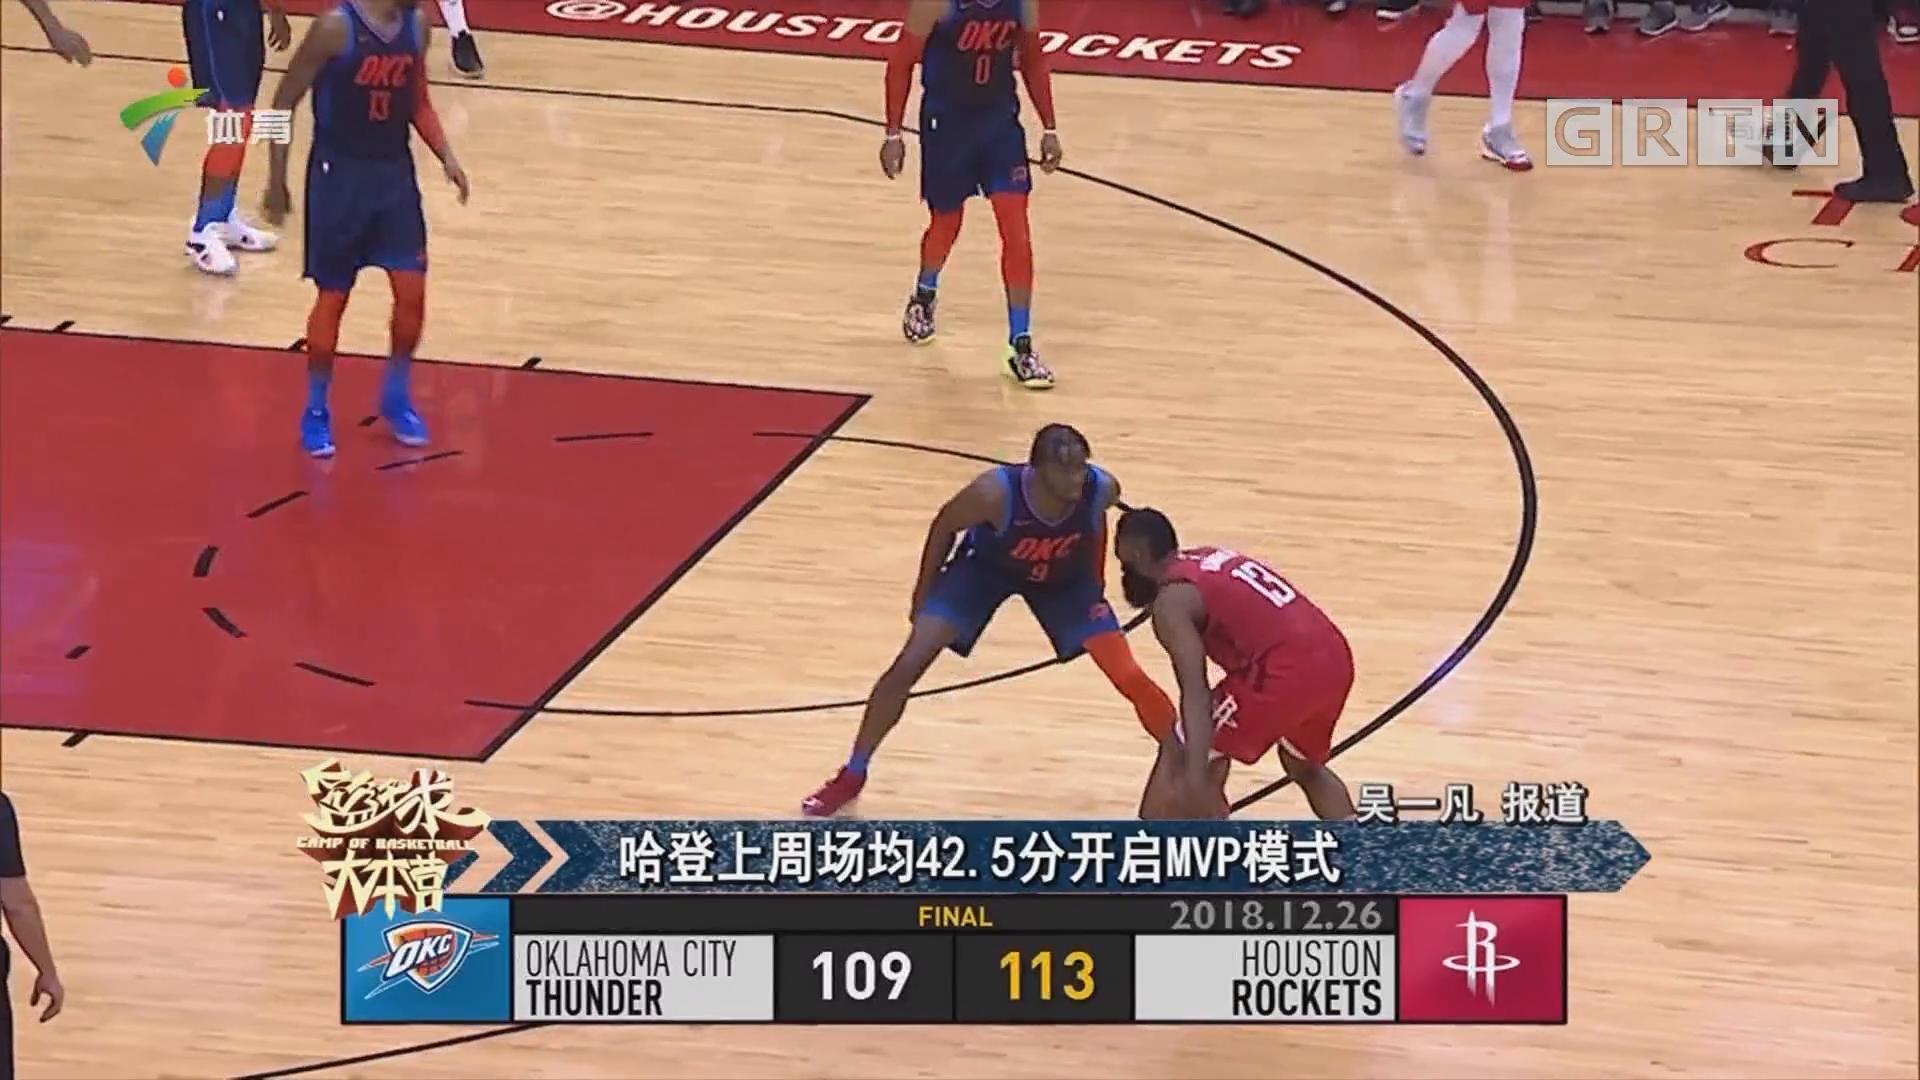 哈登上周场均42.5分开启MVP模式